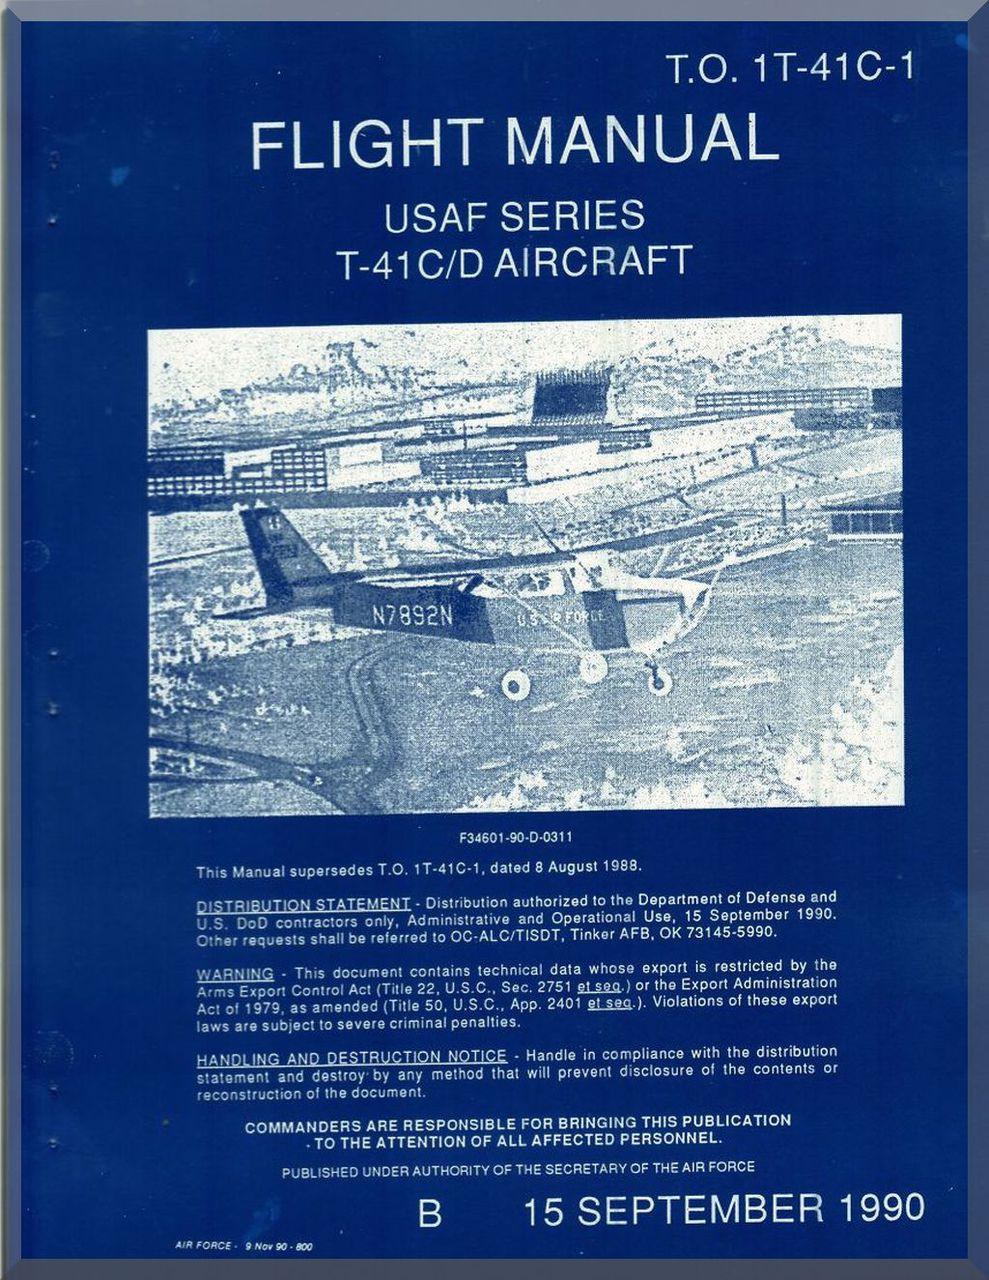 Cessna R172E T-41 C / D Aircraft Flight Manual , T O  1T-41C-1 1990